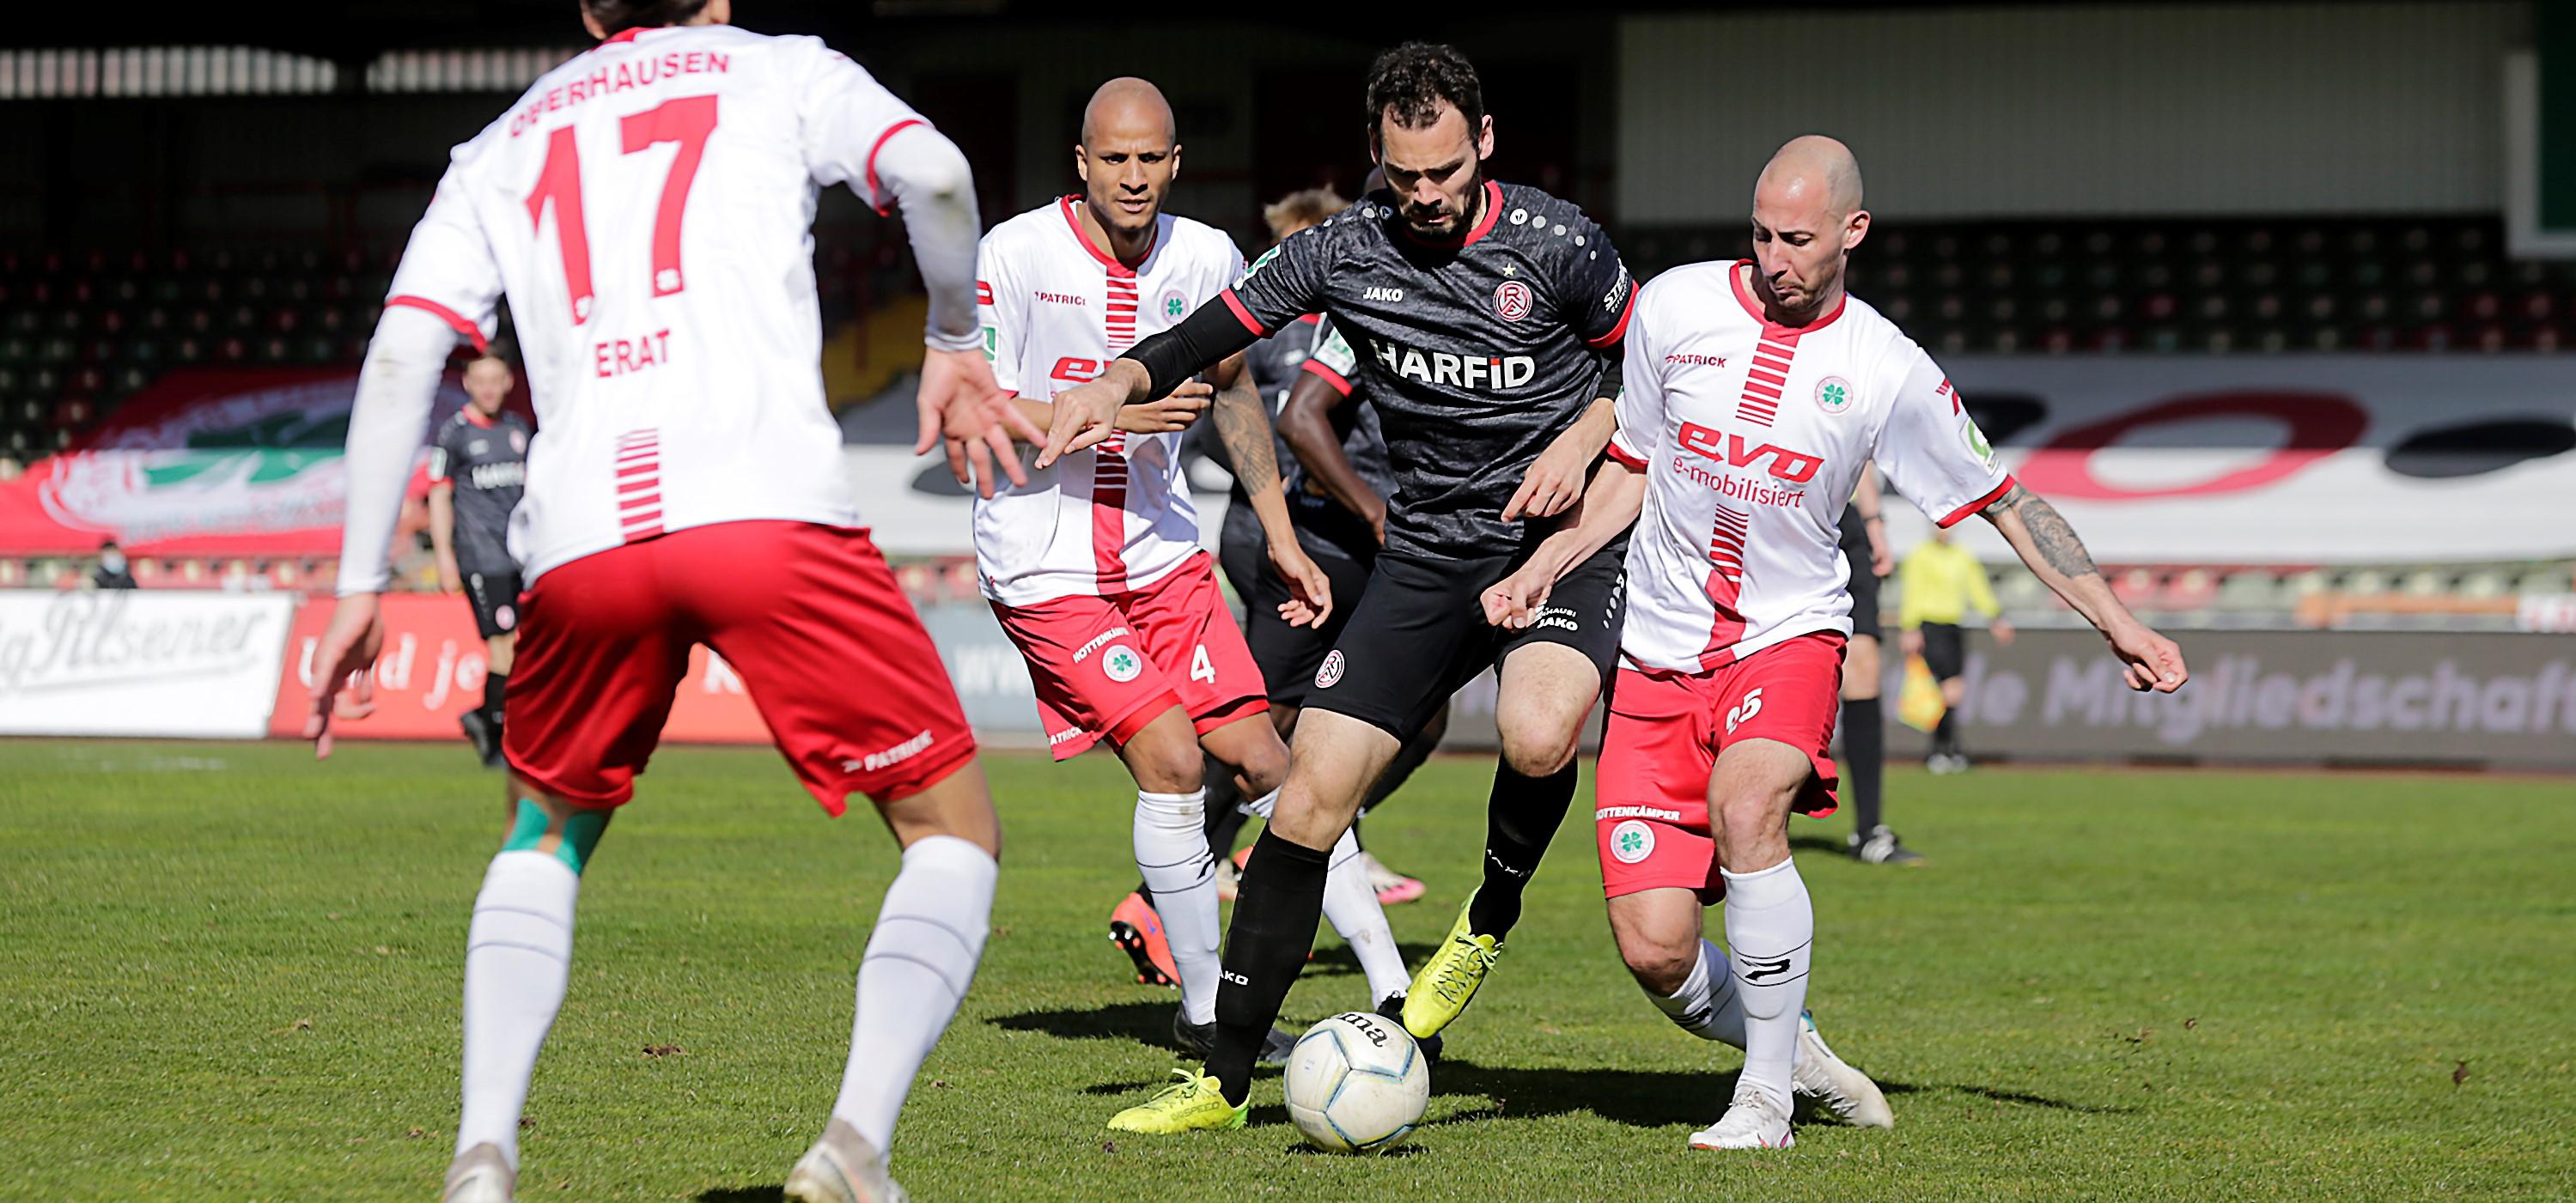 Mehr als sieben Monate nach der 1. Runde geht es für Rot-Weiss Essen im Niederrheinpokal gegen RWO weiter. (Foto: Endberg)